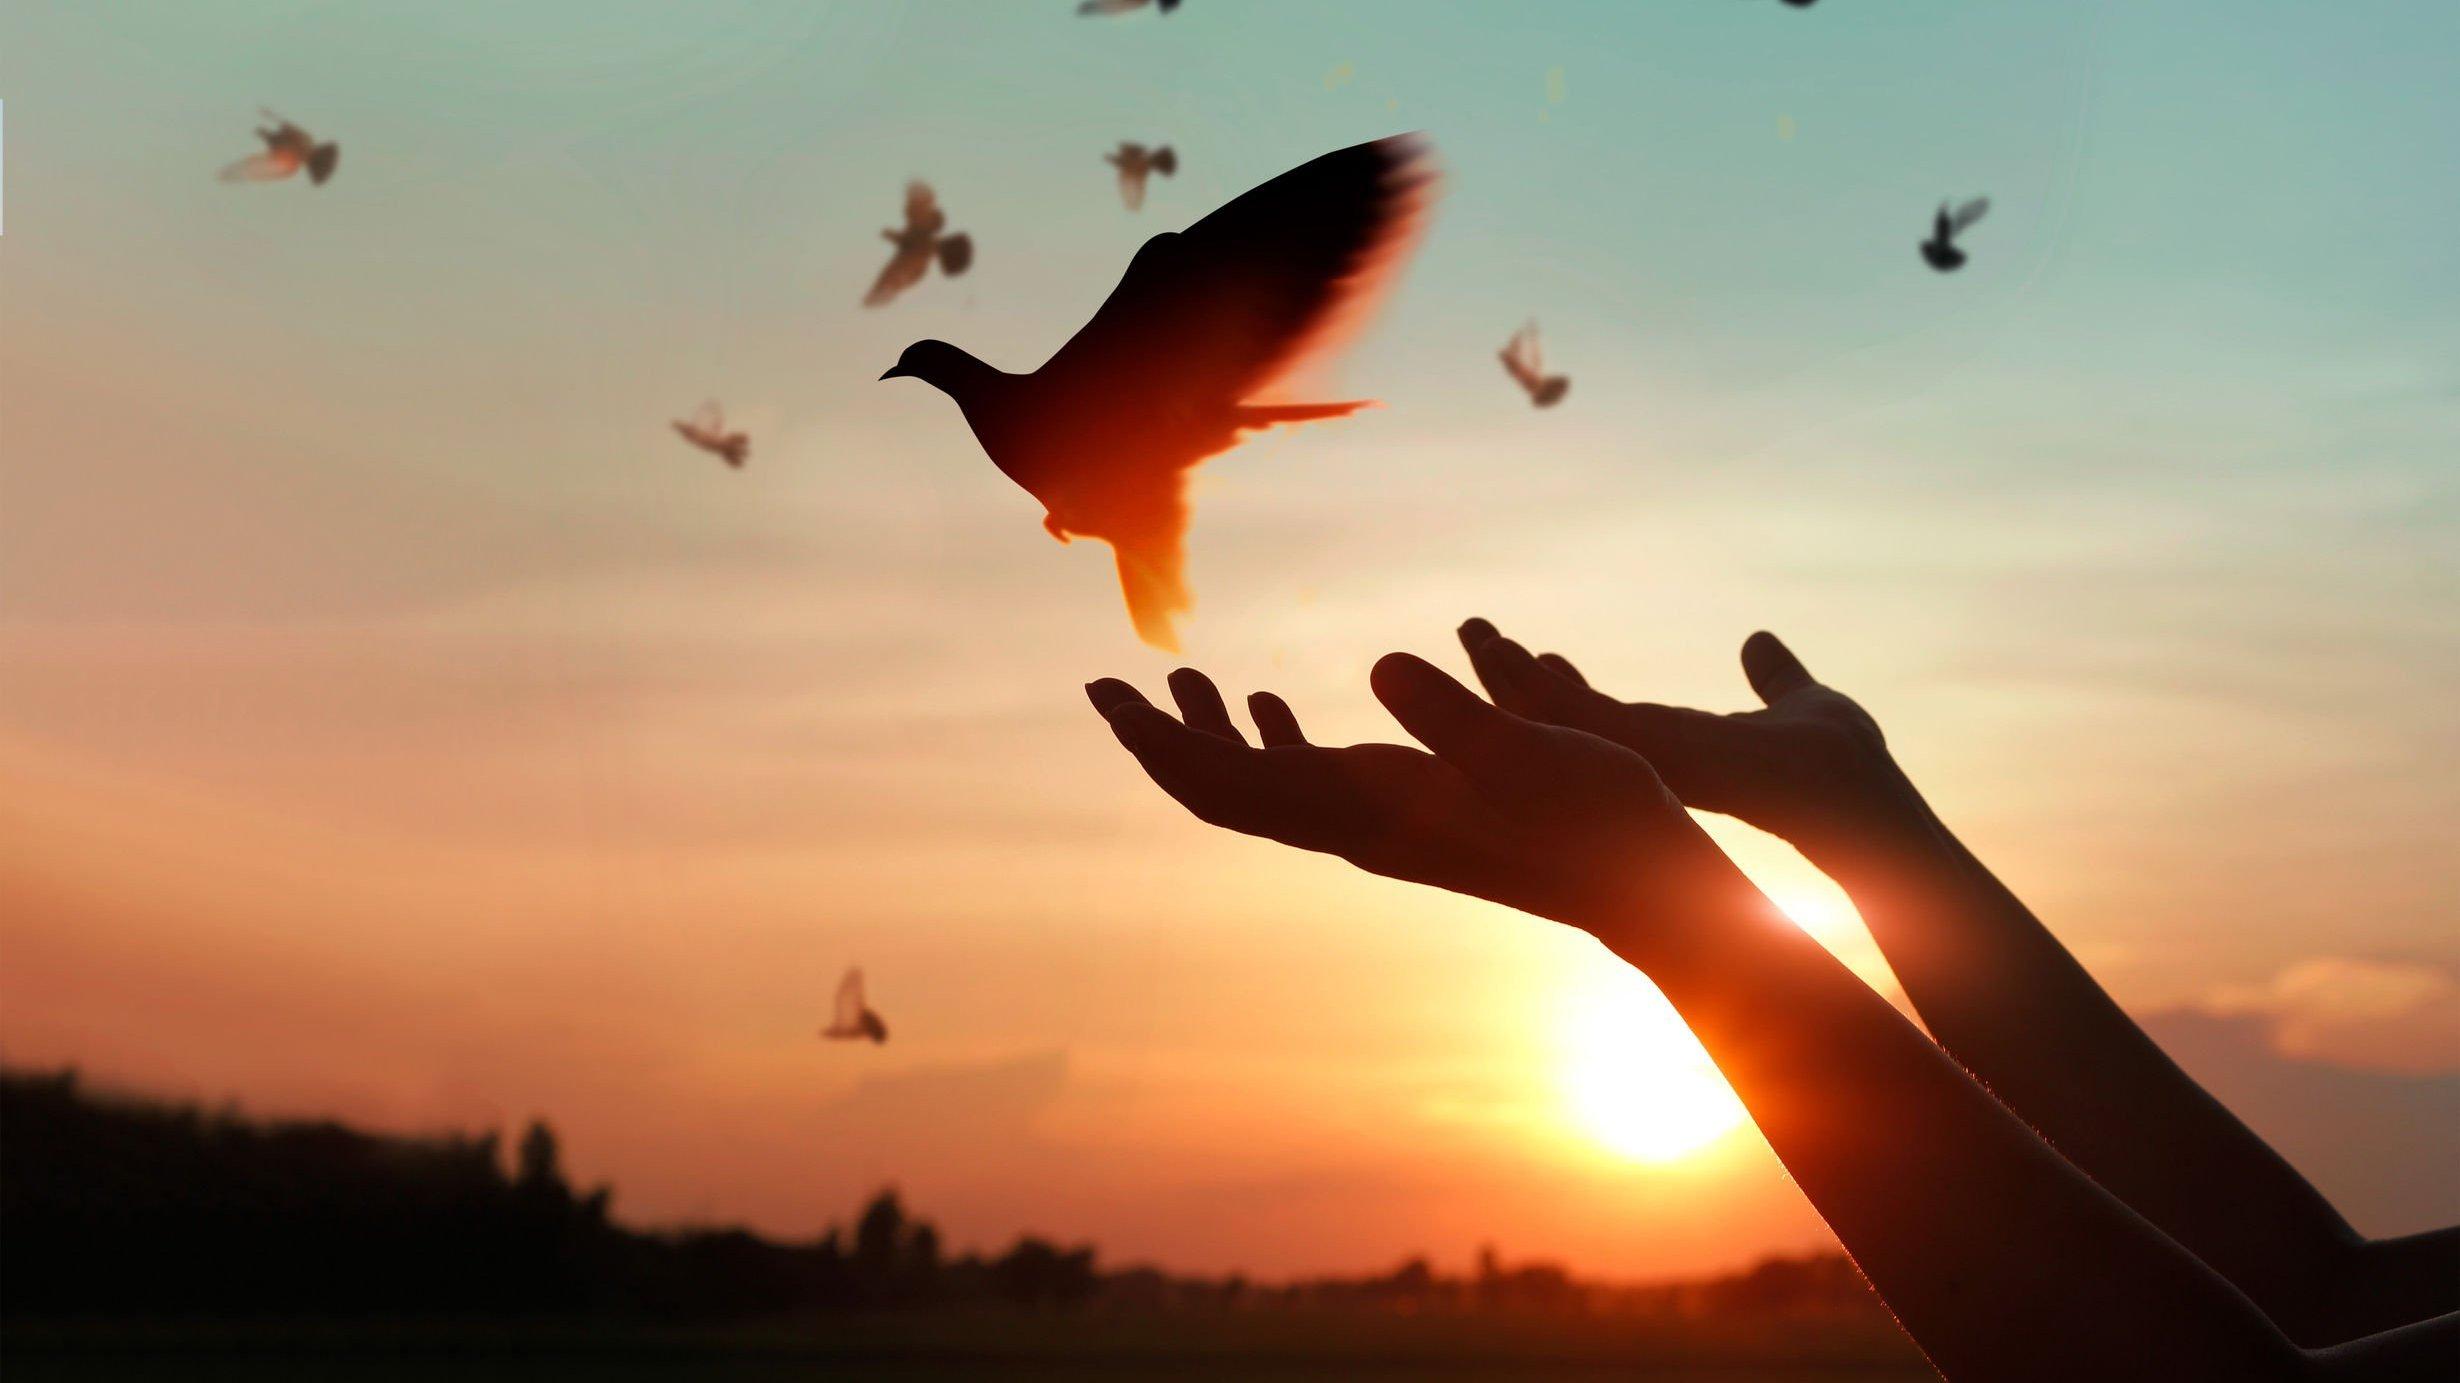 Mãos soltando uma pomba durante o pôr do sol, enquanto várias outras pombas voam no céu.